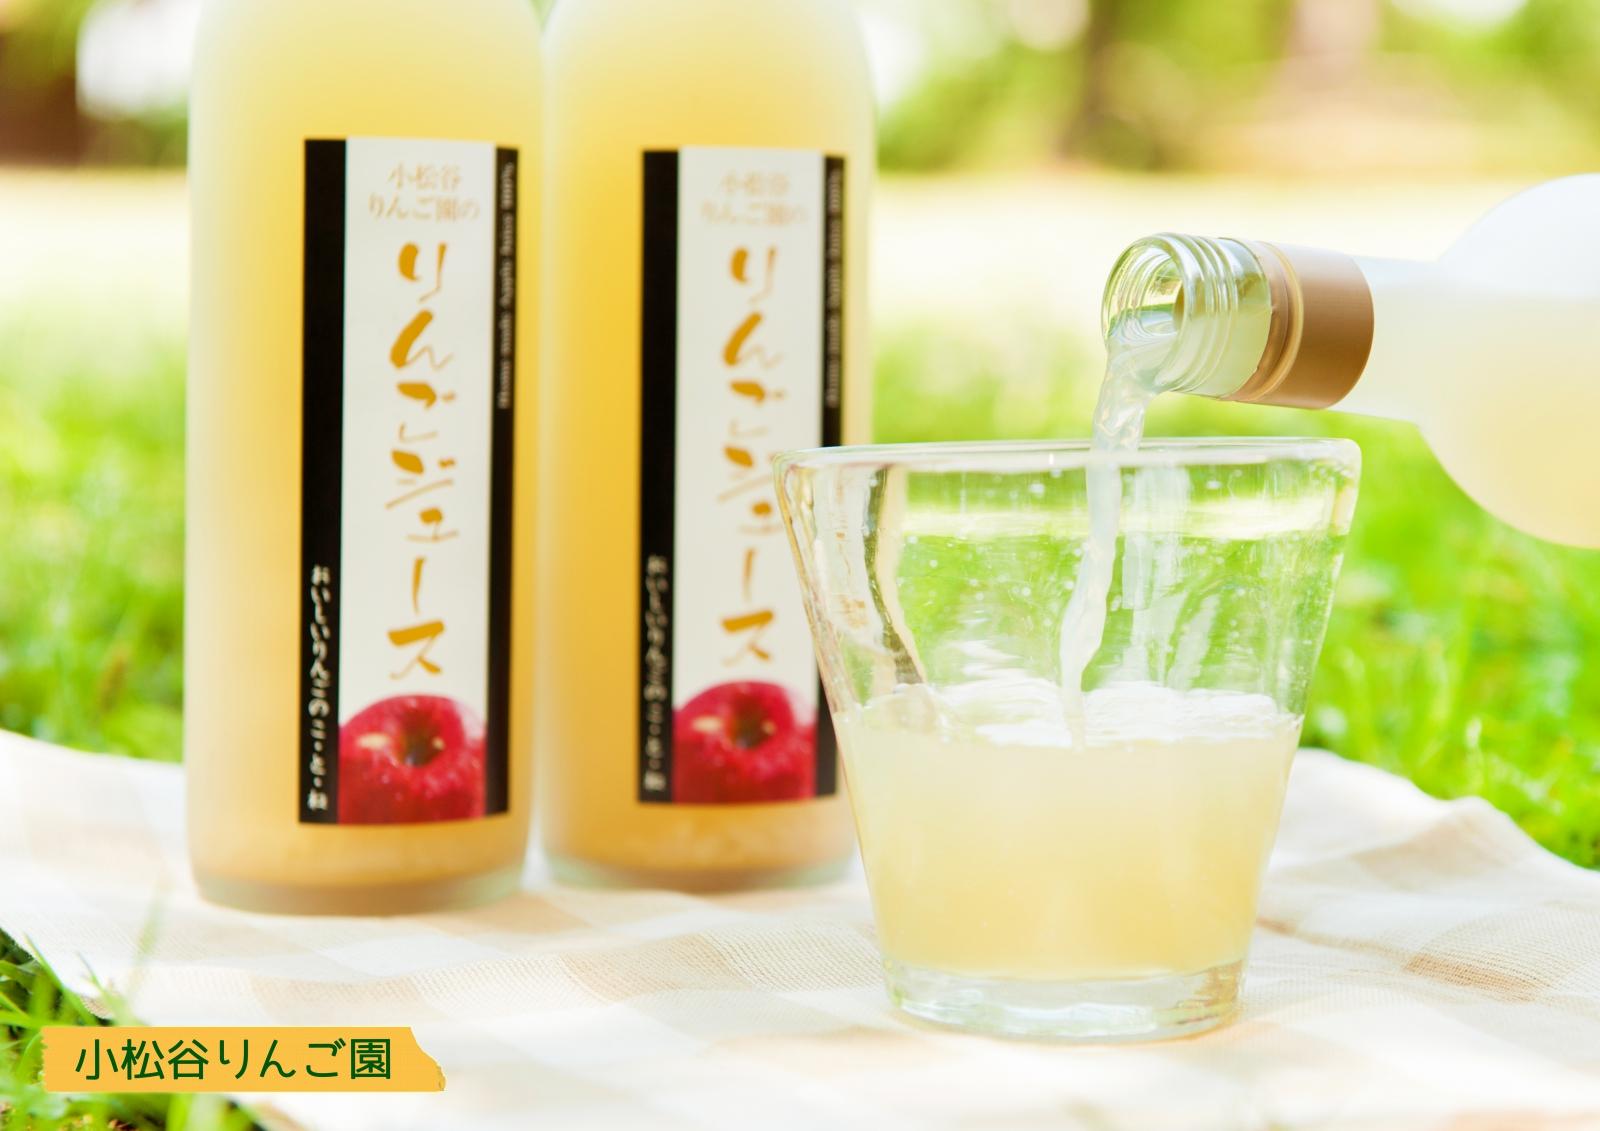 小松谷りんご園 農家渾身の一本横手増田産リンゴジュース(720ml)